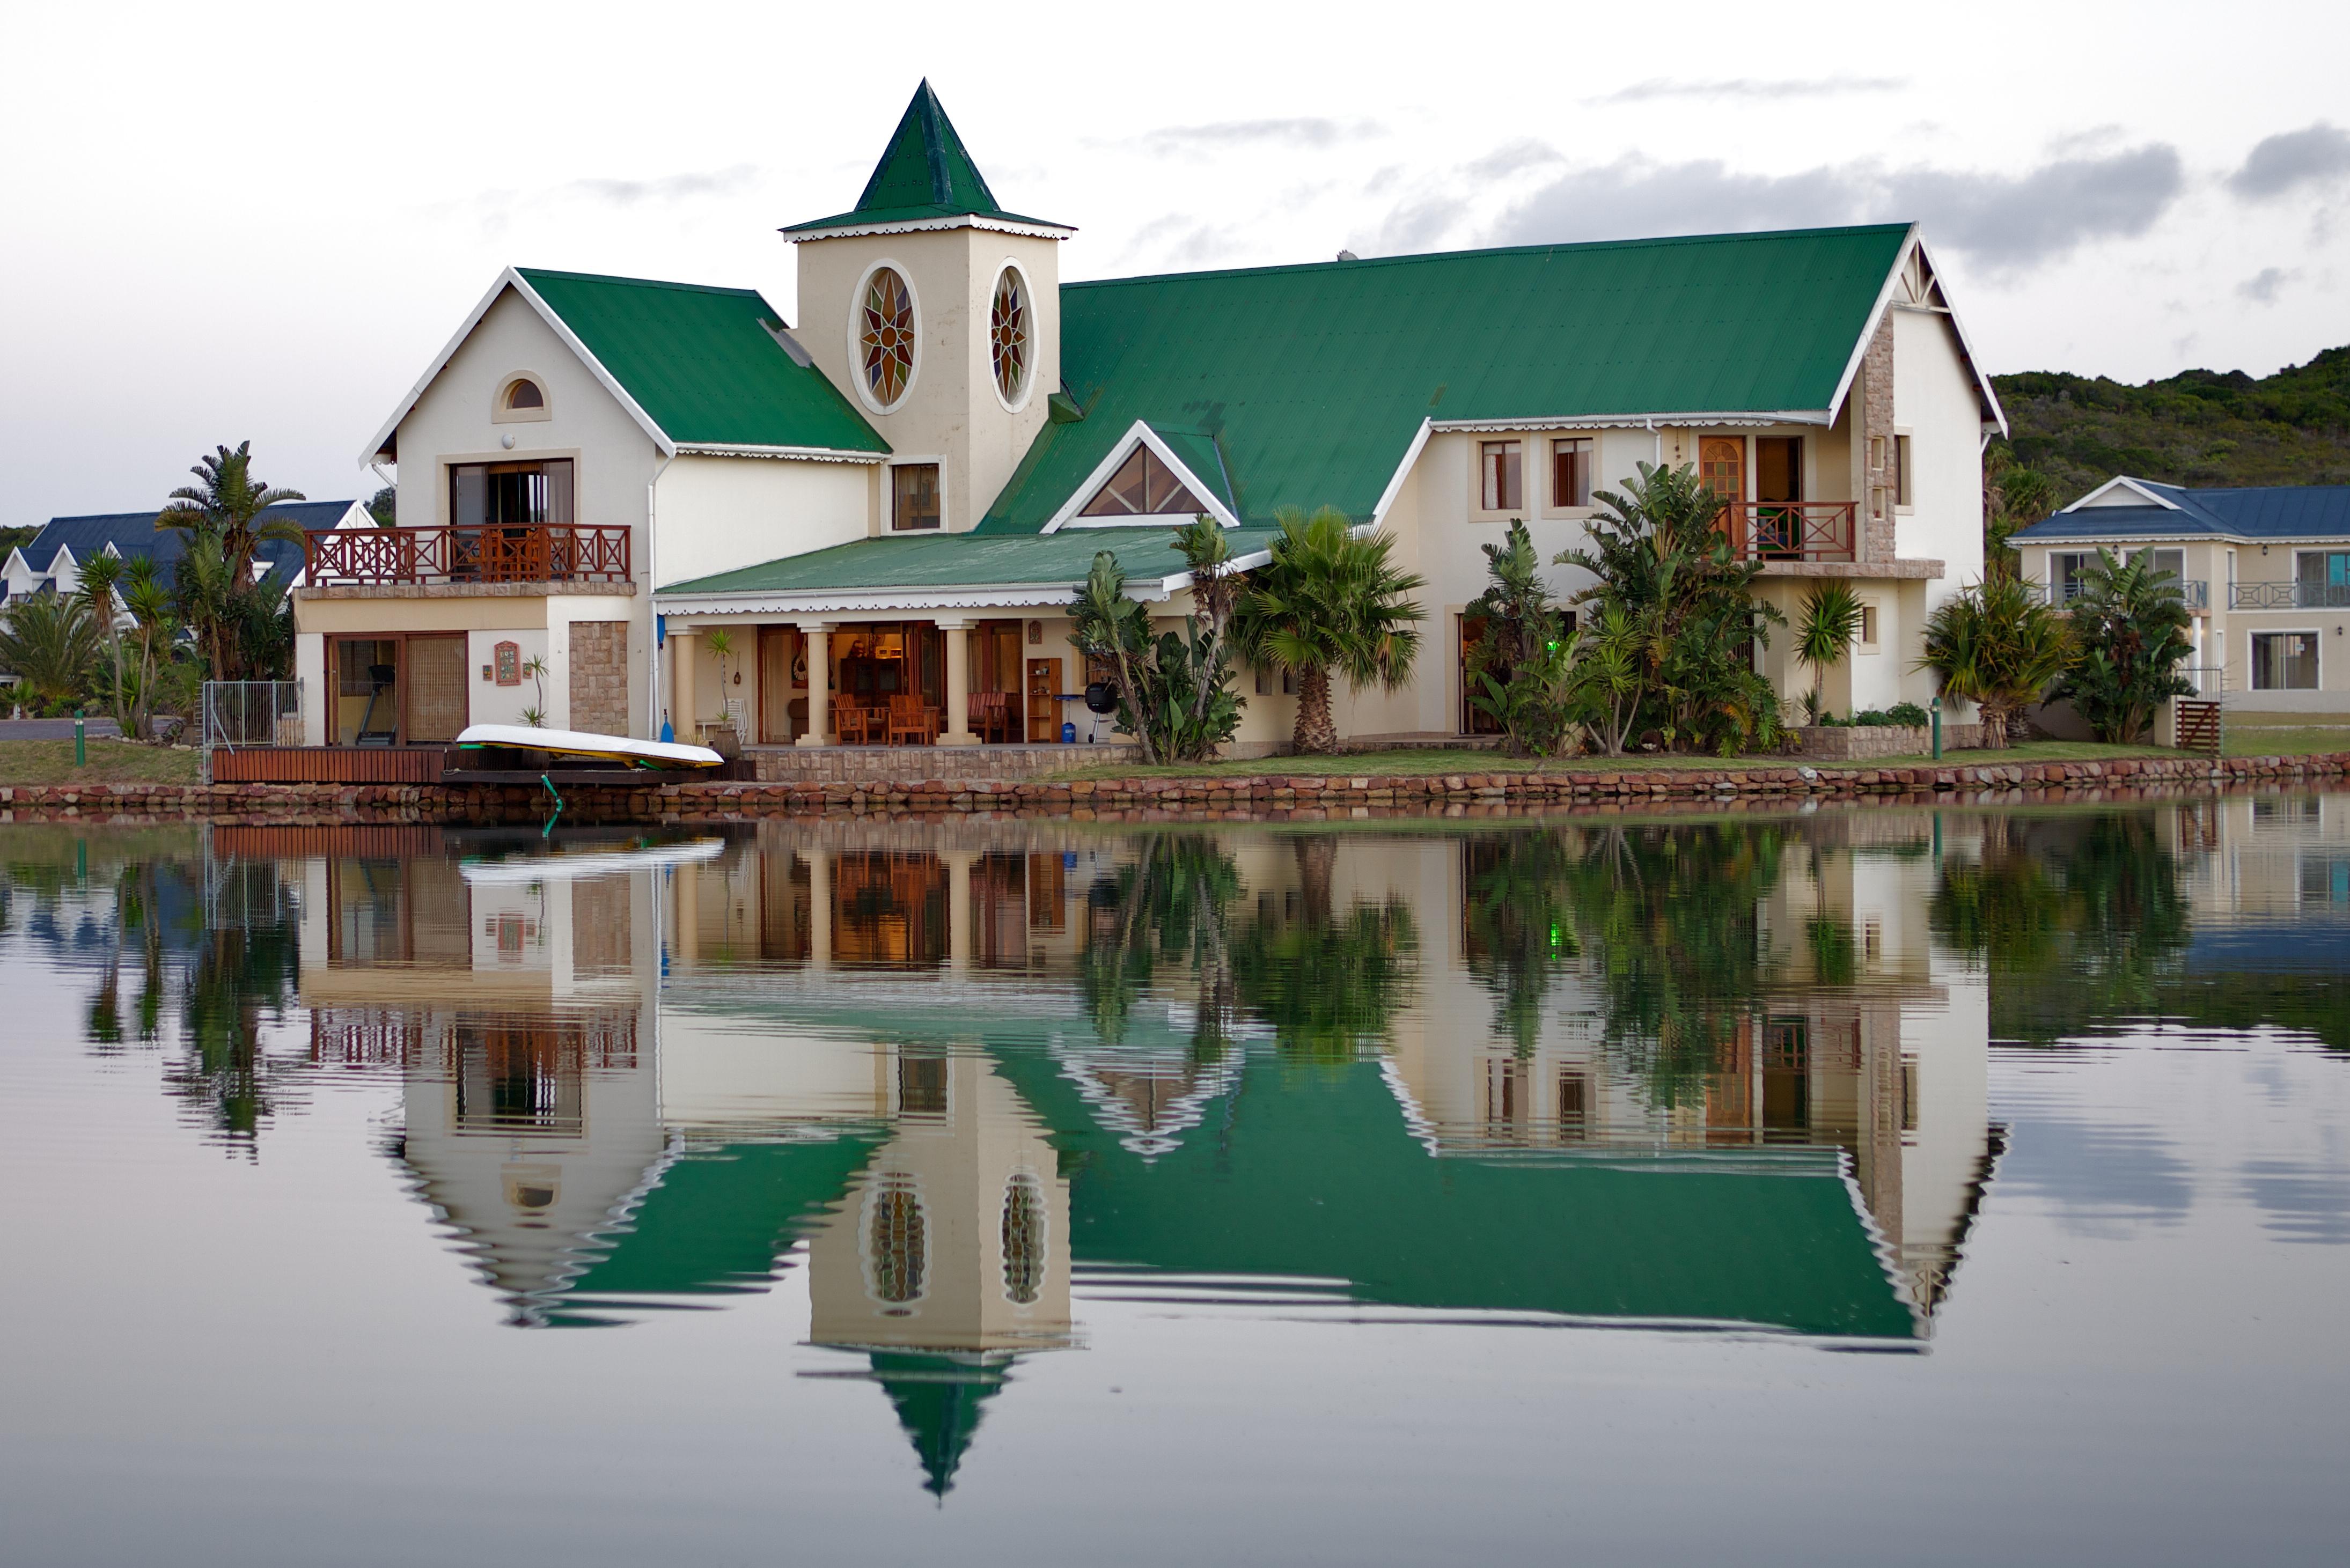 vente maison ind pendante jeffreys bay eastern cape afrique du sud jeffreys bay afrique du. Black Bedroom Furniture Sets. Home Design Ideas